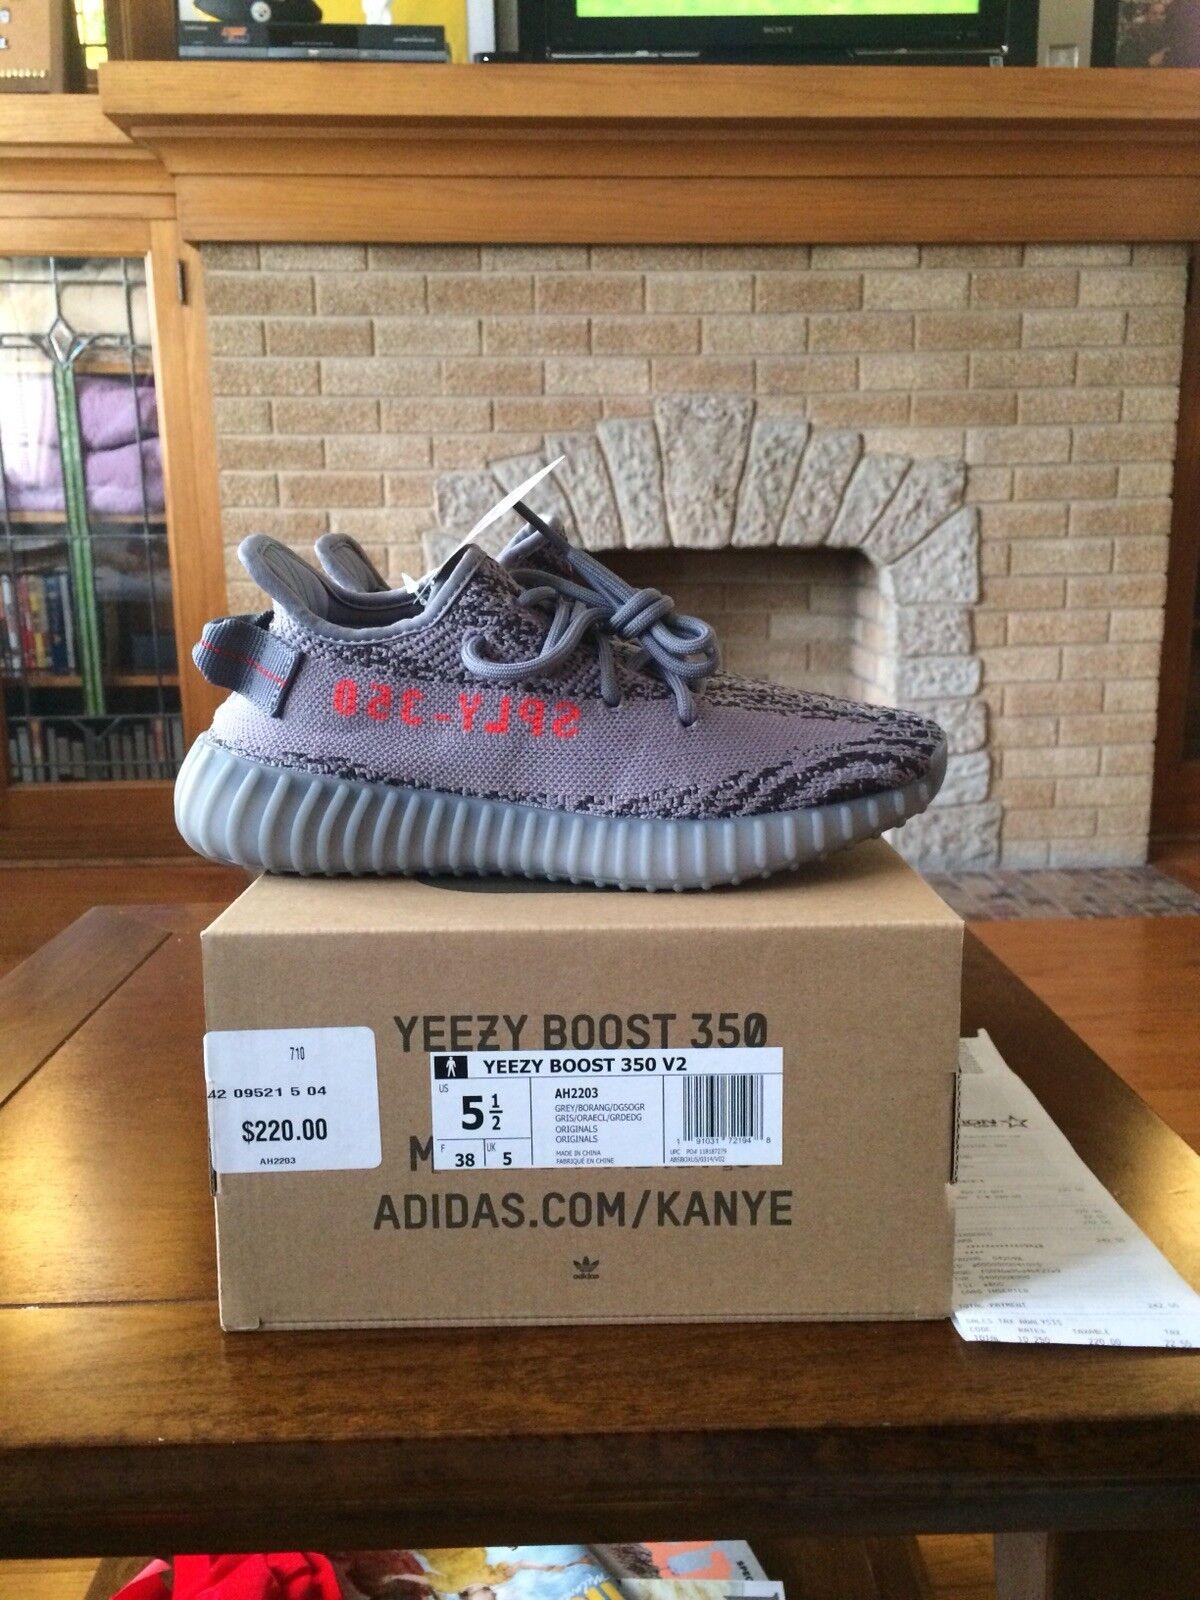 Adidas Yeezy Boost 350 V2 Beluga 2.0 size 5.5